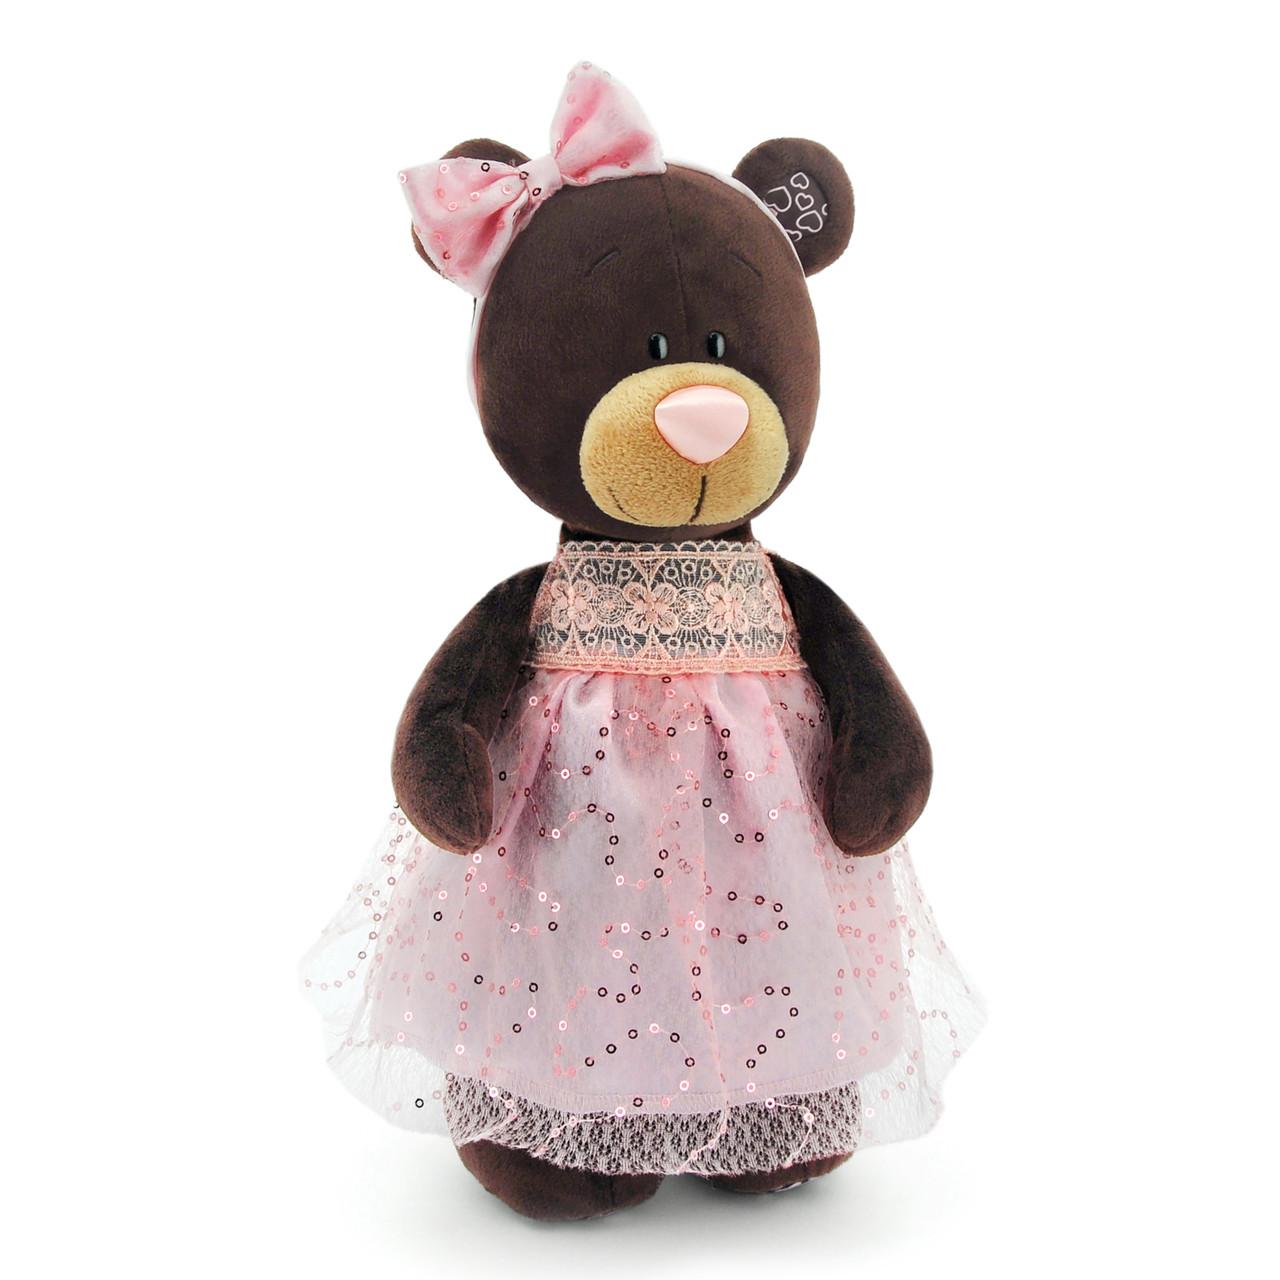 Мягкая игрушка «Orange» (M5048/30) медвежонок Milk стоячая в платье с блёстками, 30 см